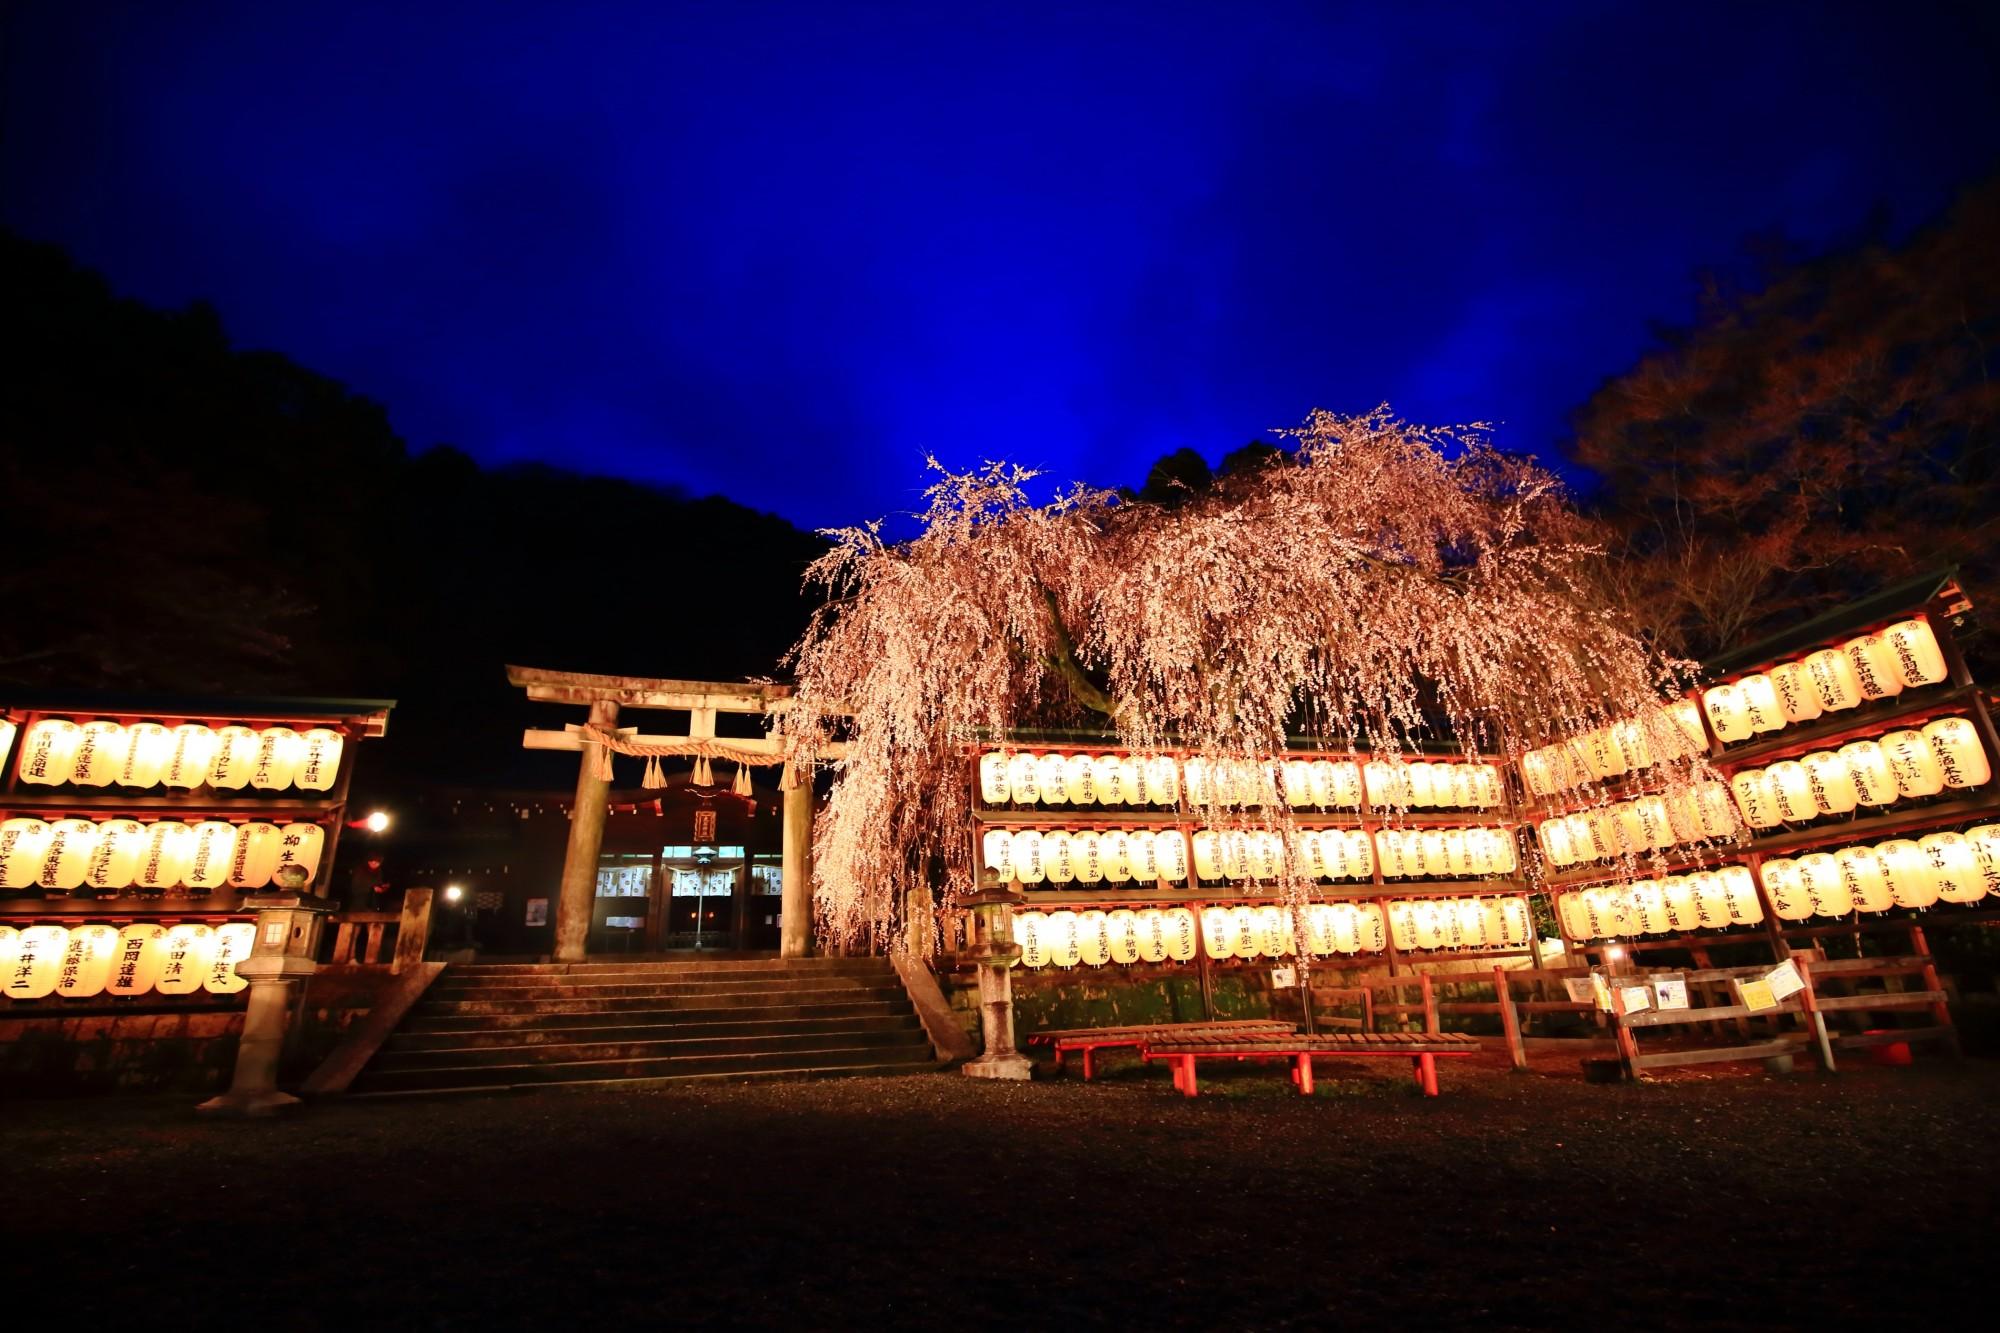 大石神社 しだれ桜 幻想的な夜桜ライトアップ